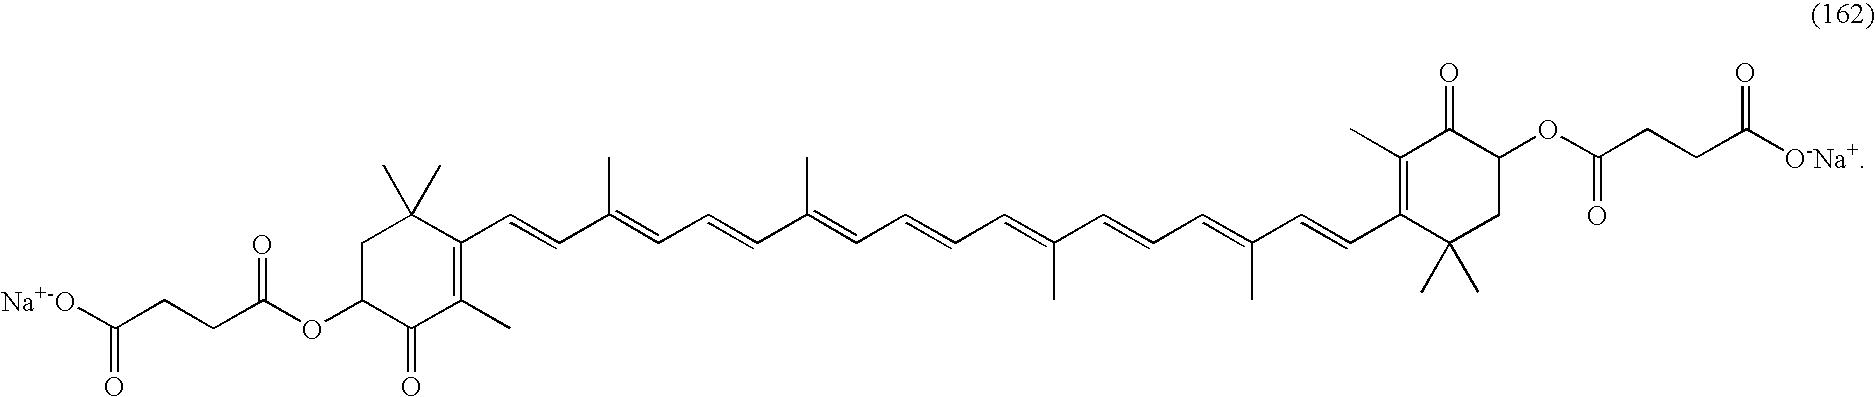 Figure US07691901-20100406-C00081